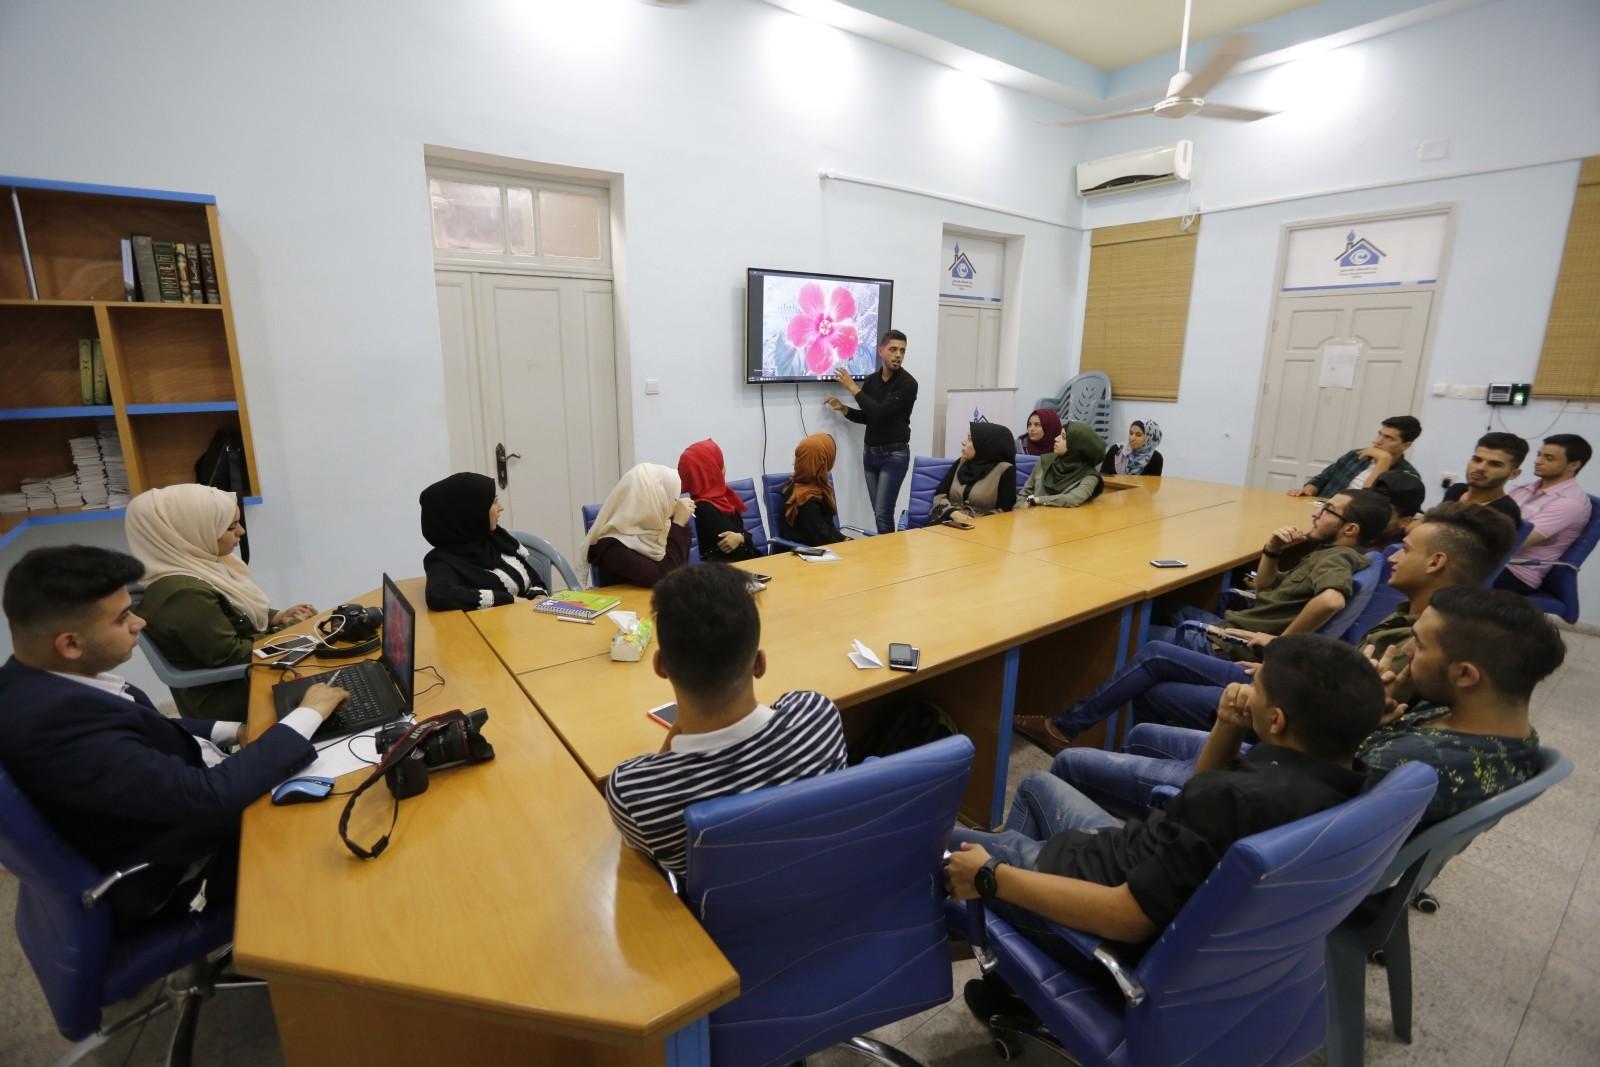 فريق رواد الاعلام يختتم دورة في التصوير الفوتوغرافي ببيت الصحافة